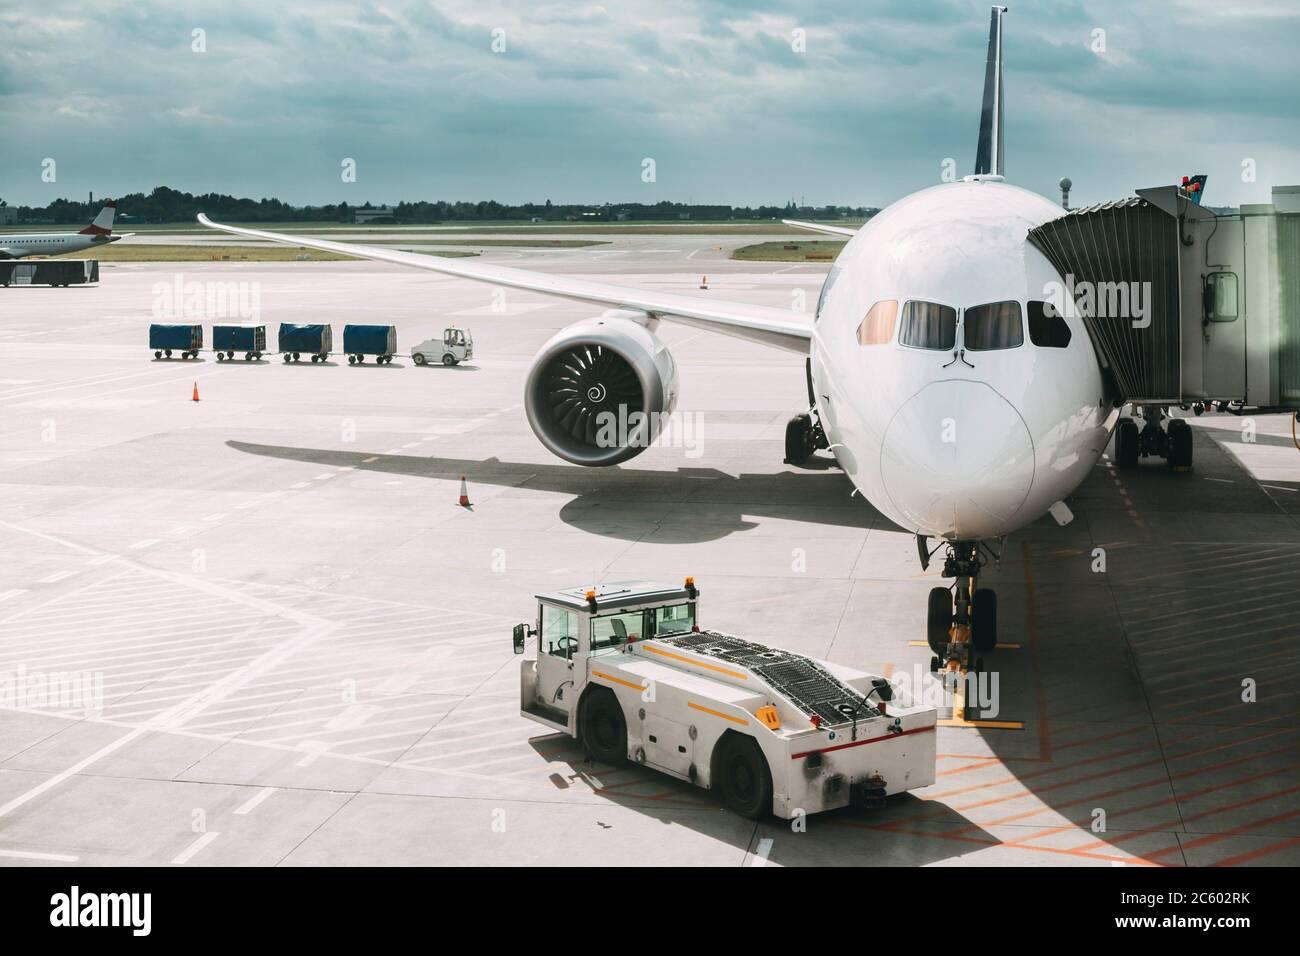 Plano de aviones de pasajeros de embarque en la terminal del aeropuerto. Tractor de remolque de aeronaves y el espanto carretilla cerca del avión. Foto de stock